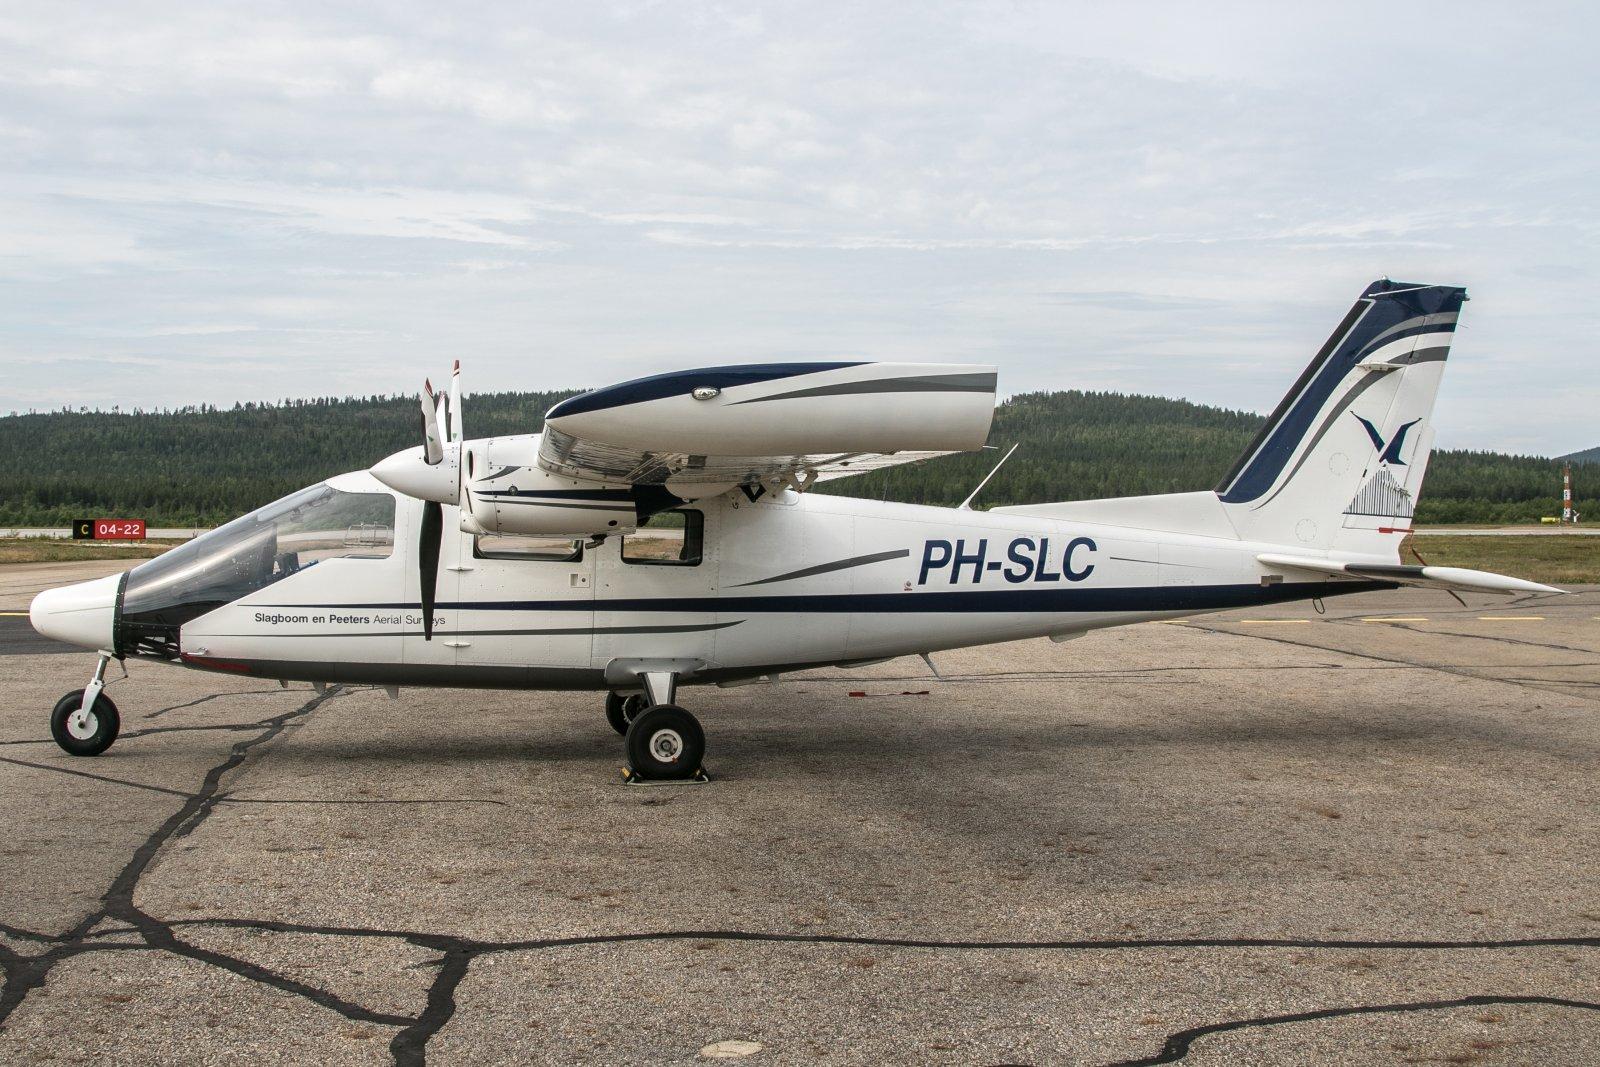 PH-SLC. Partenavia P-68 Observer. 24.7.2019